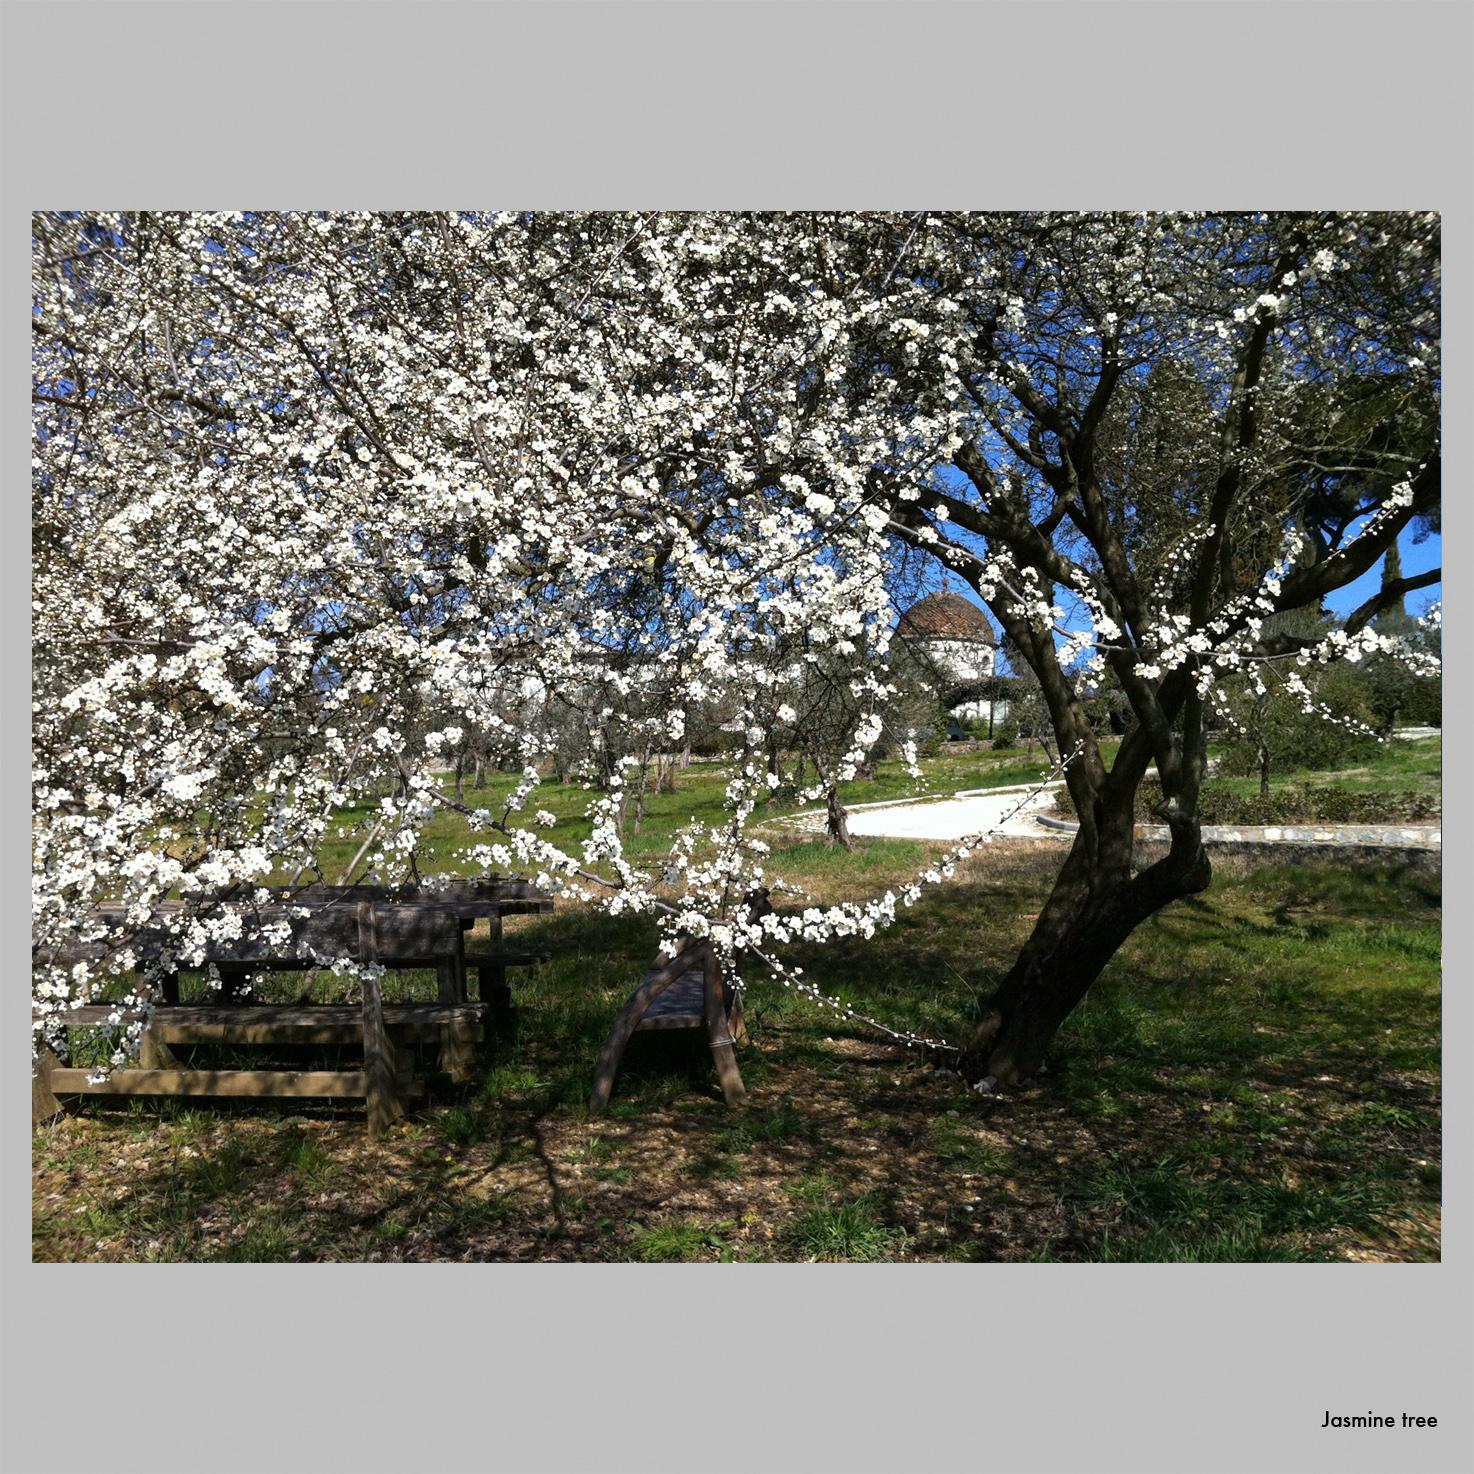 Jasmine tree.jpg